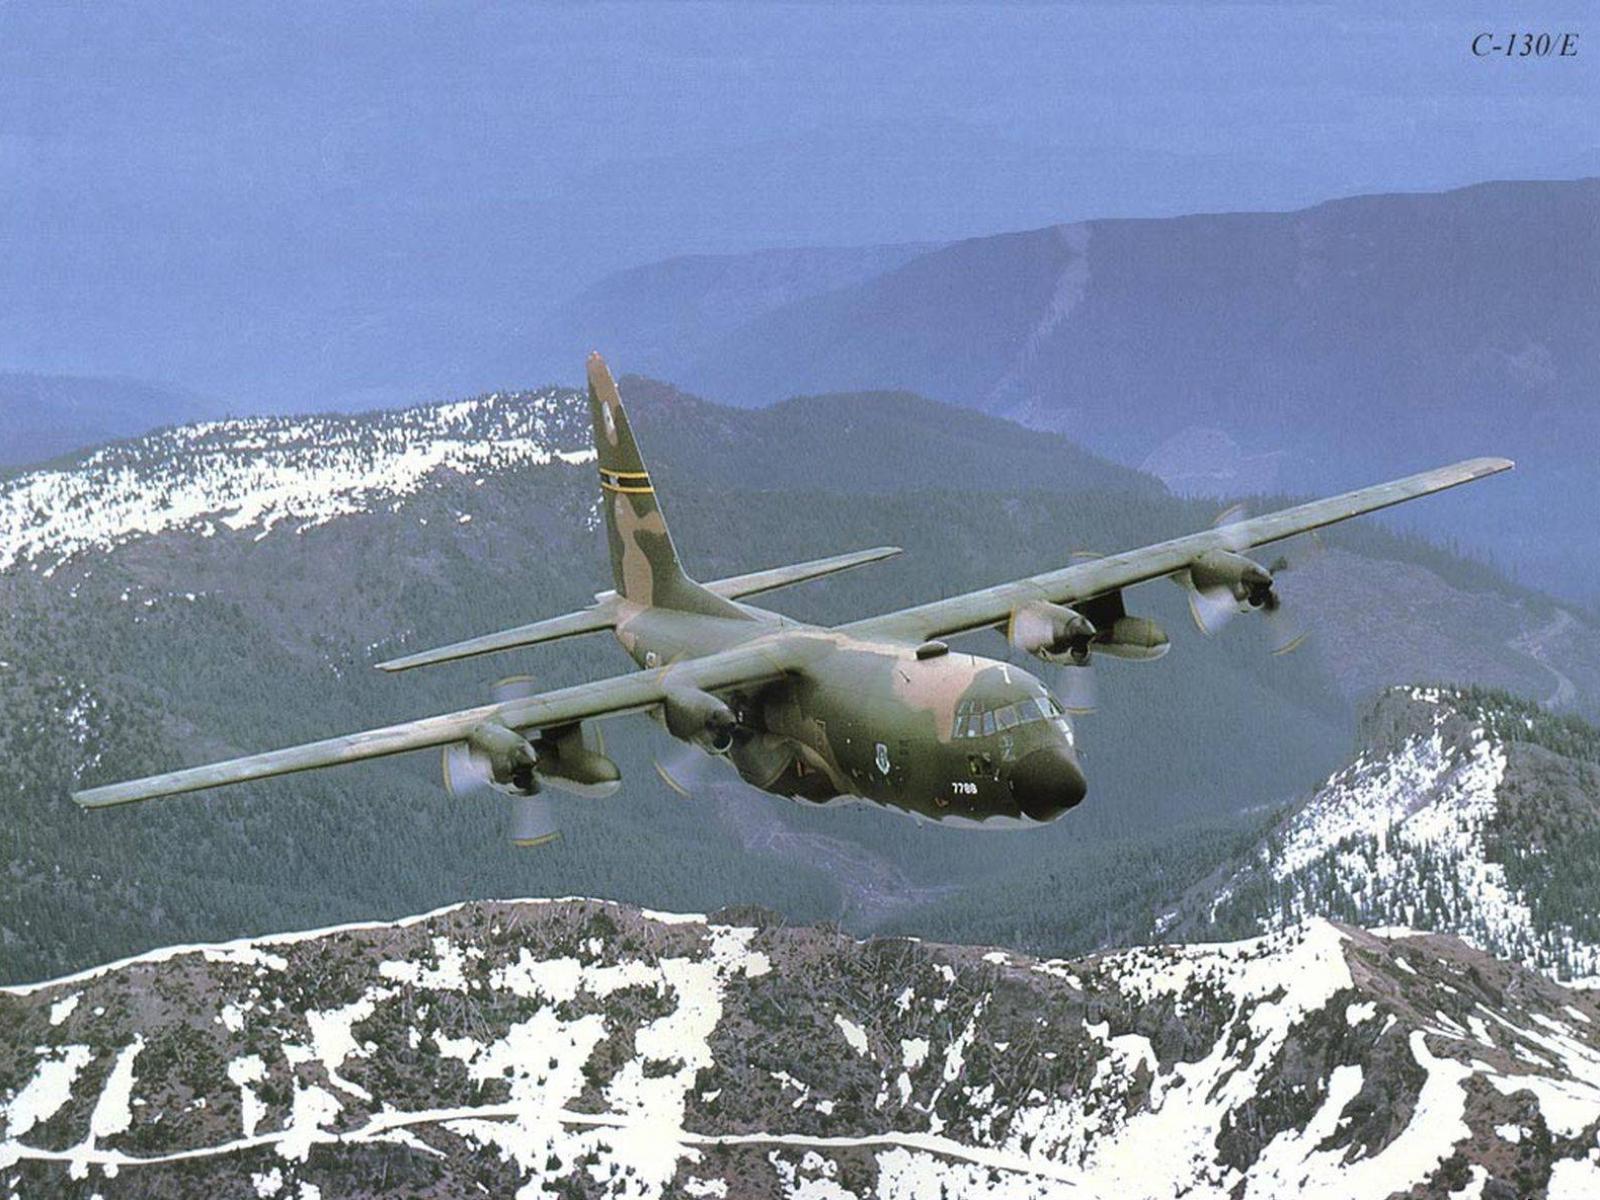 Обои Lockheed, c-130, hercules, Геркулес, c-130, локхид. Авиация foto 16